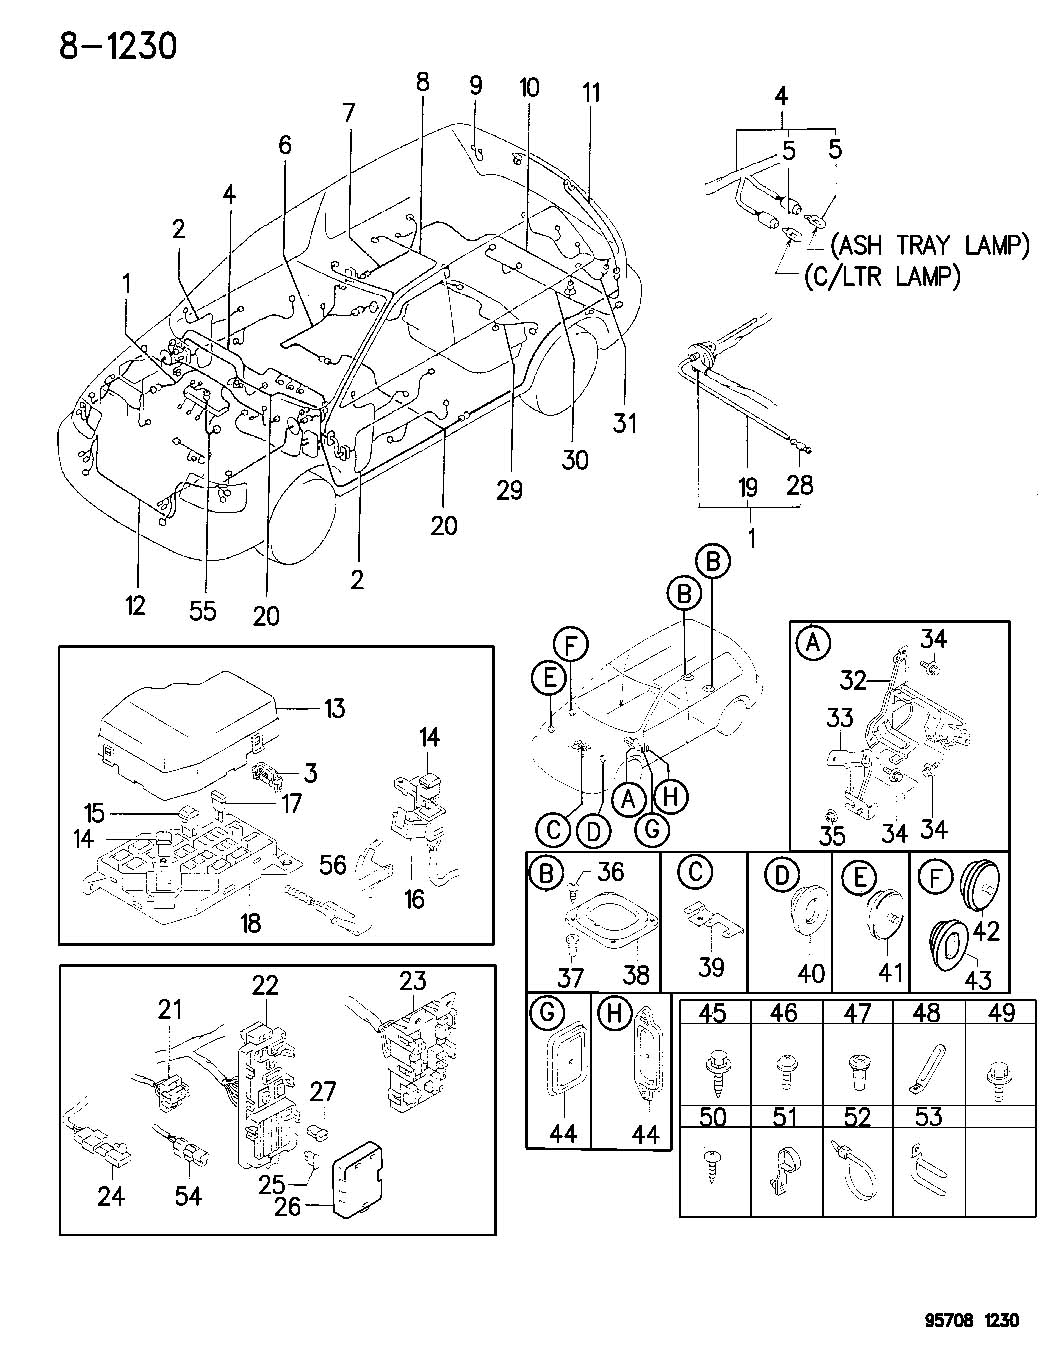 1998 Chrysler Sebring Fusible link. 40 amp, green 40a